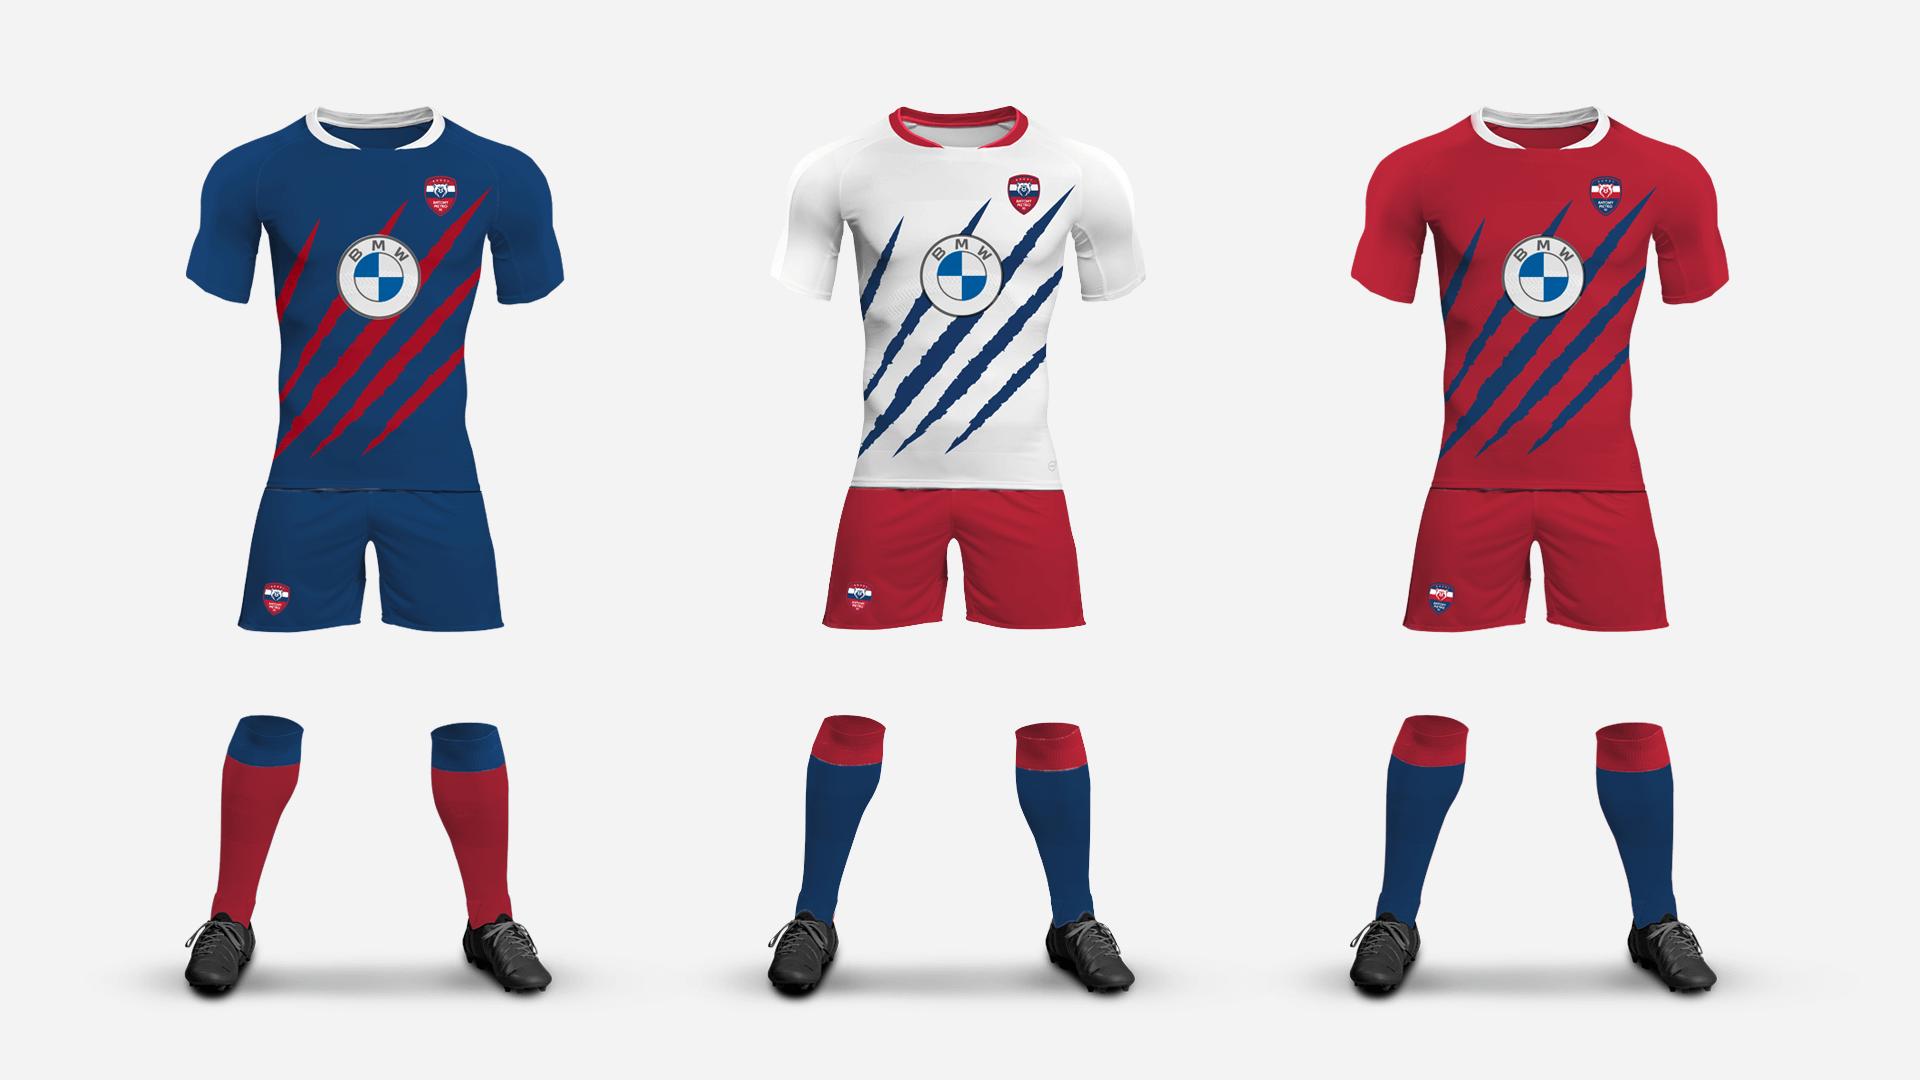 trois tenues complète avec maillot du club Antony metro 92